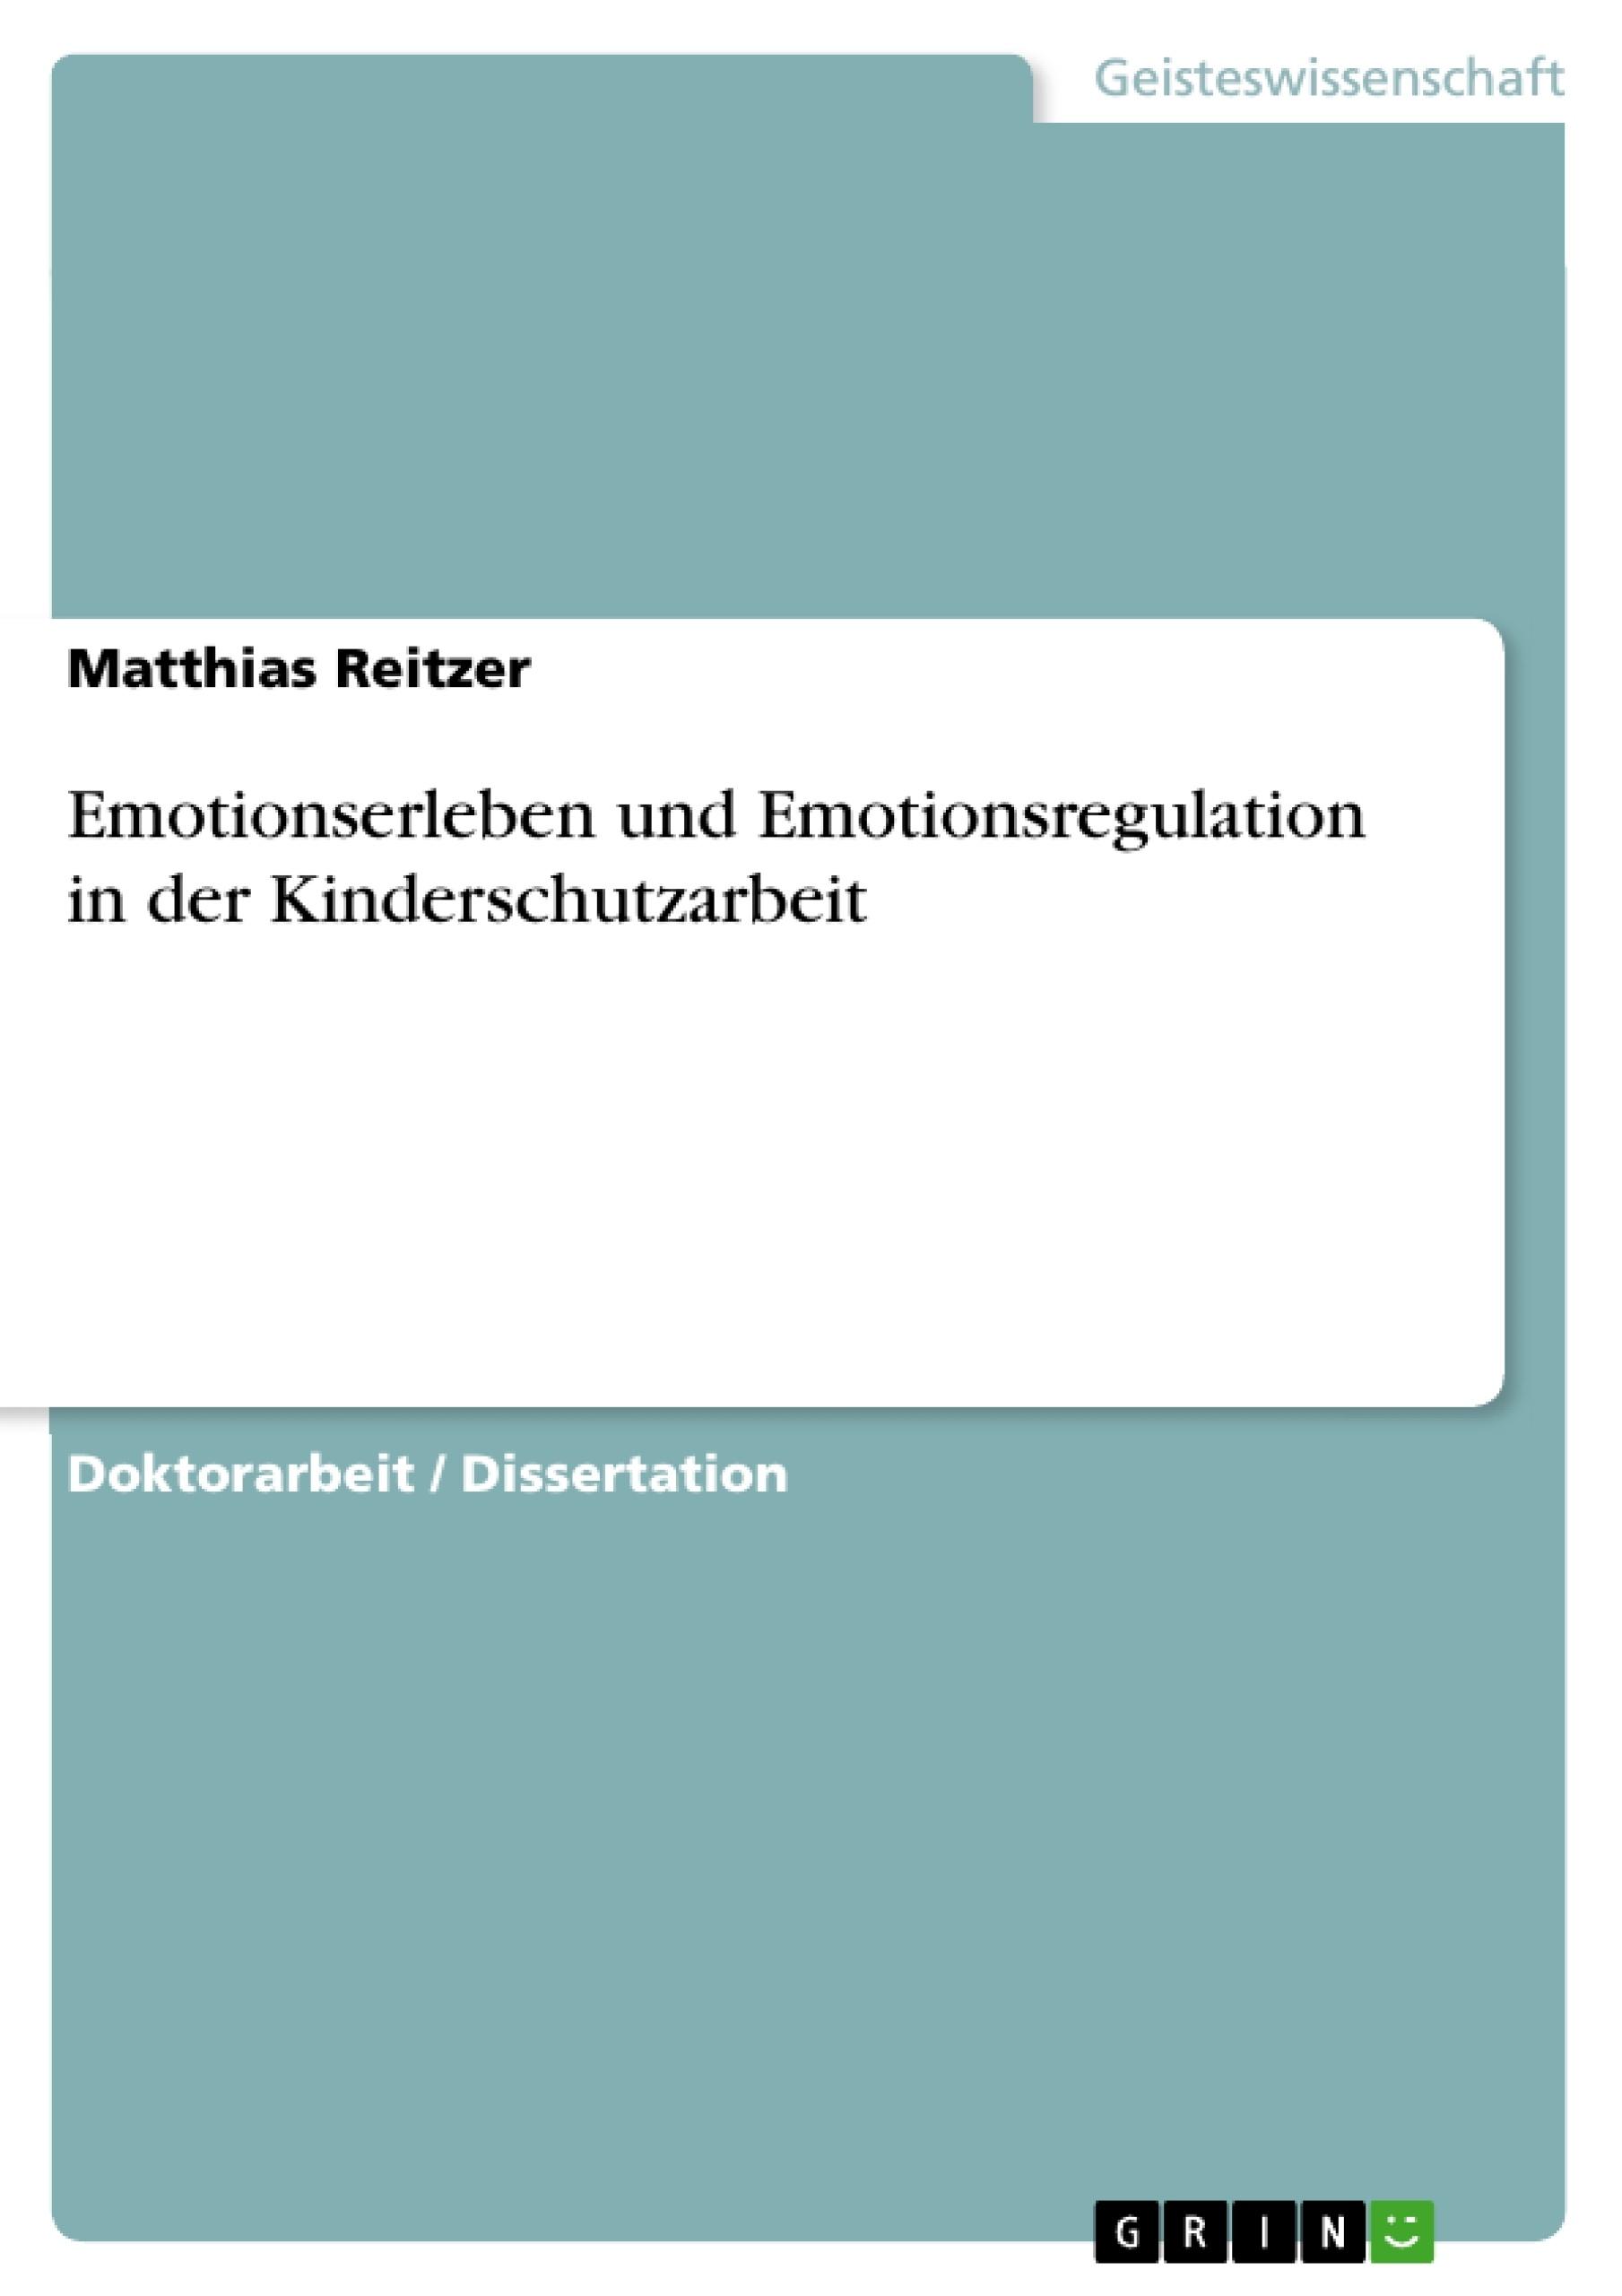 Titel: Emotionserleben und Emotionsregulation in der Kinderschutzarbeit